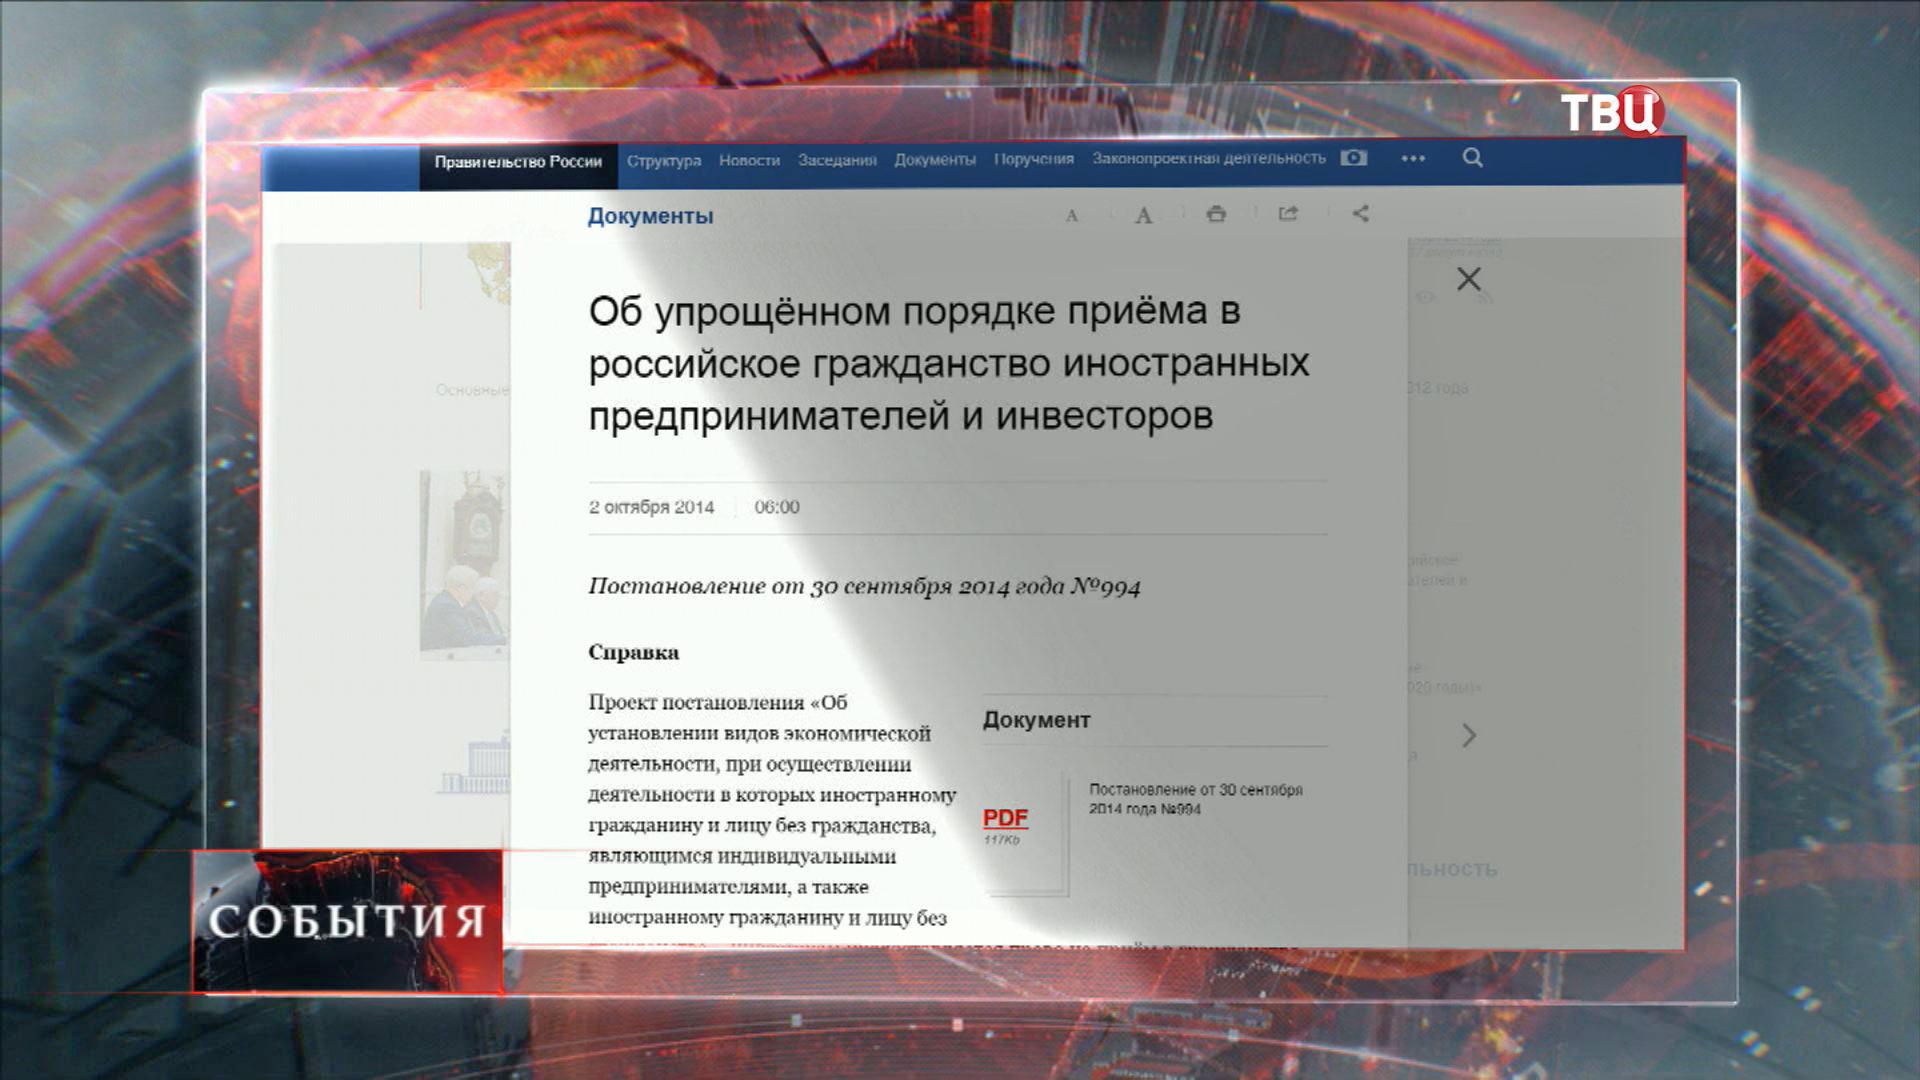 Справка об упрощенном порядке приема в Российское Гражданство иностранных предпринимателей и инвесторов